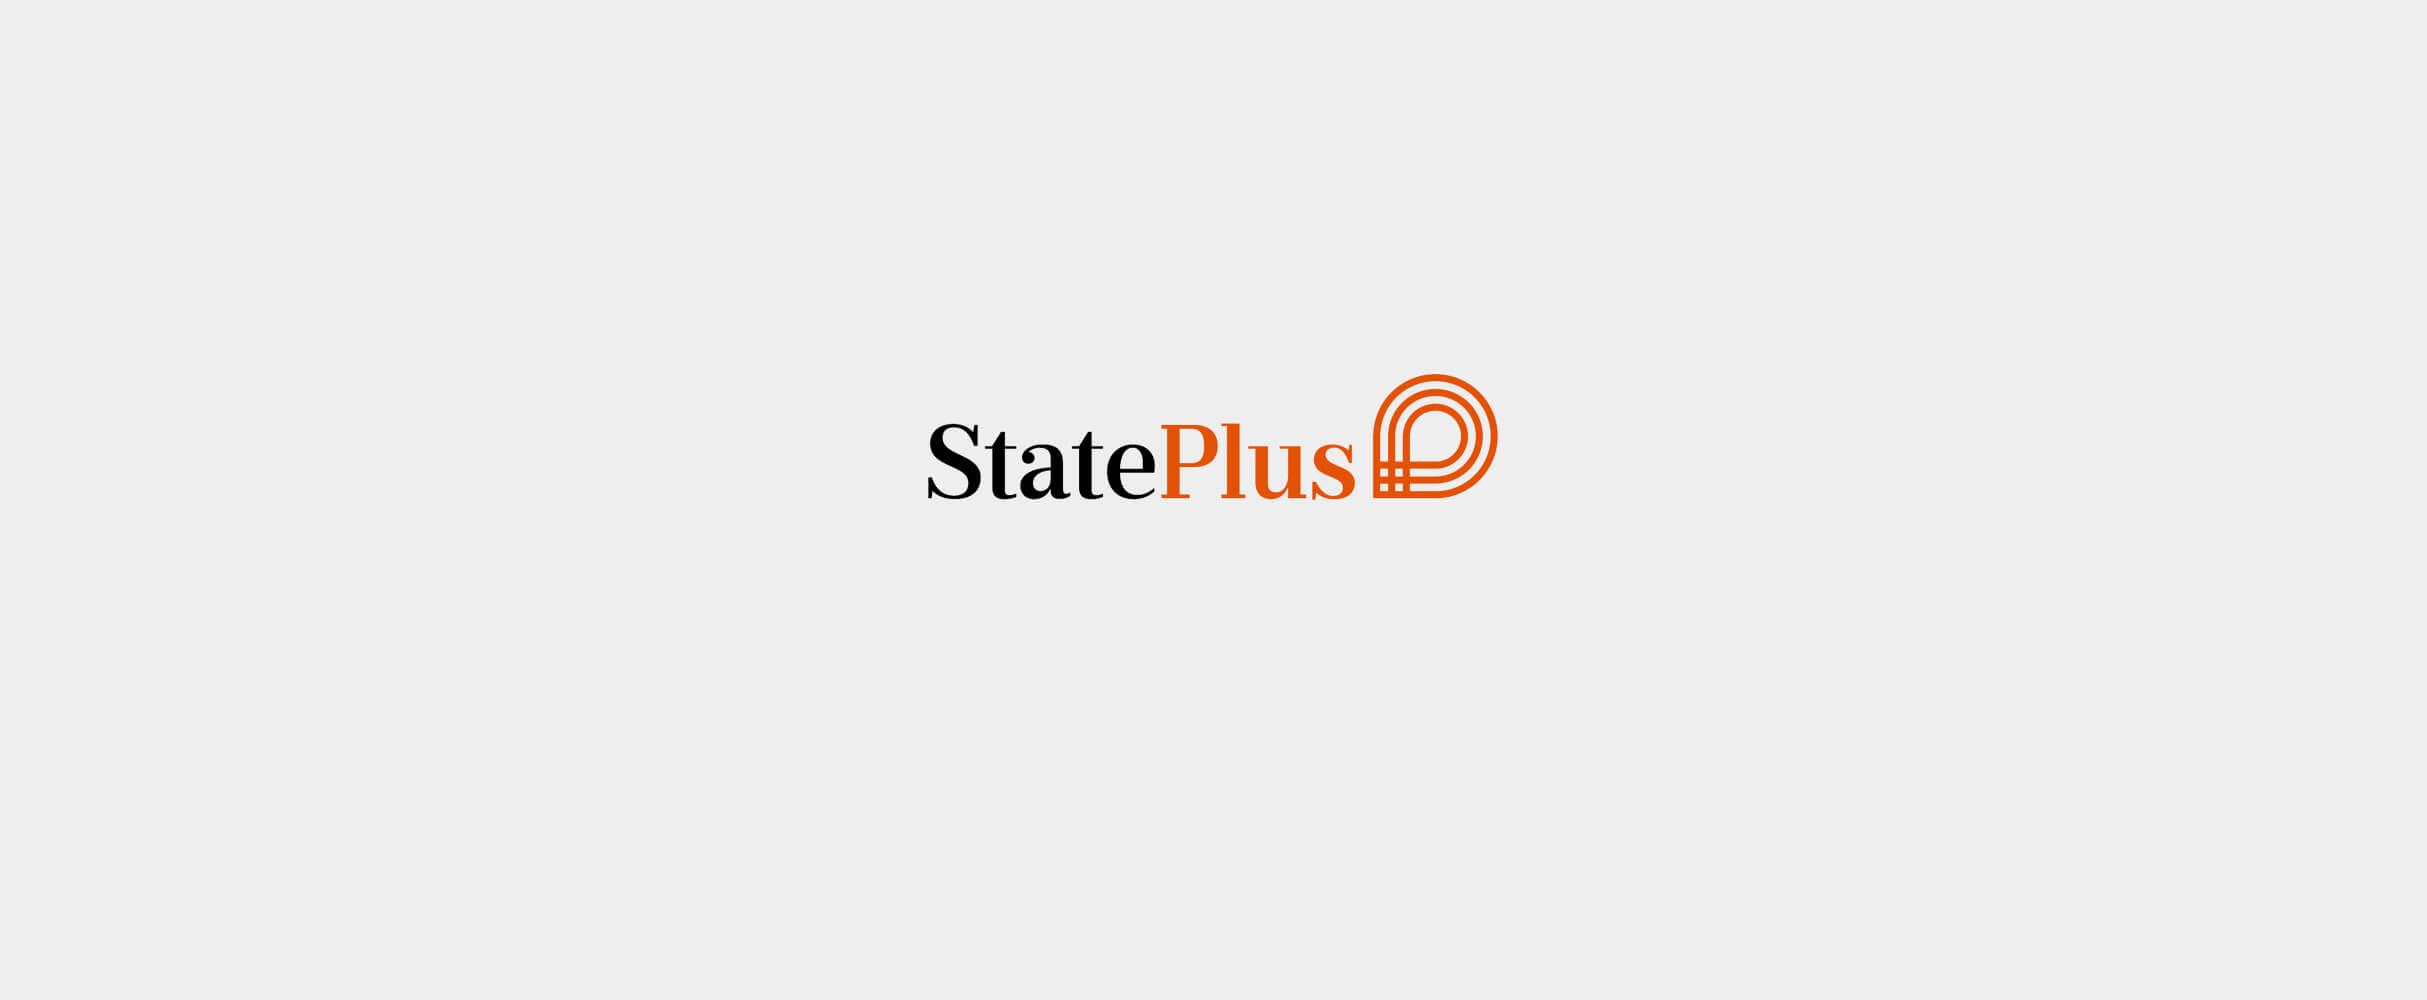 StatePlus Logo